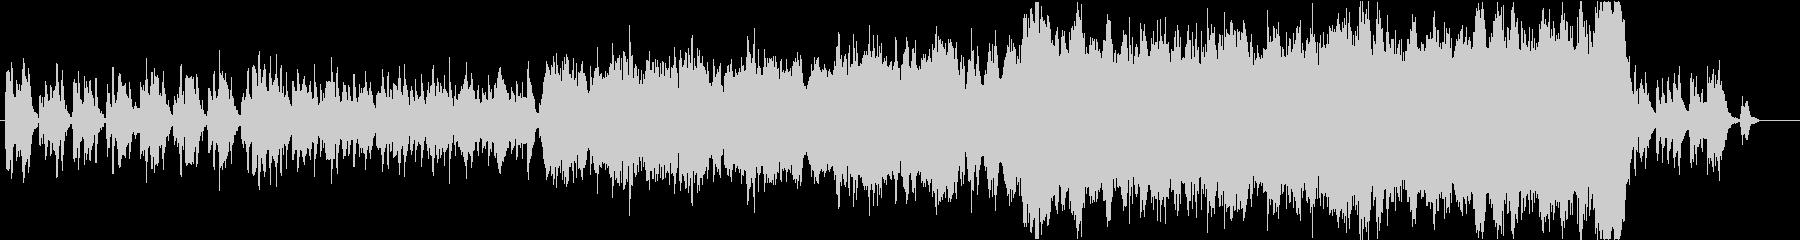 ワルツ/ファンタジー系壮大なオーケストラの未再生の波形